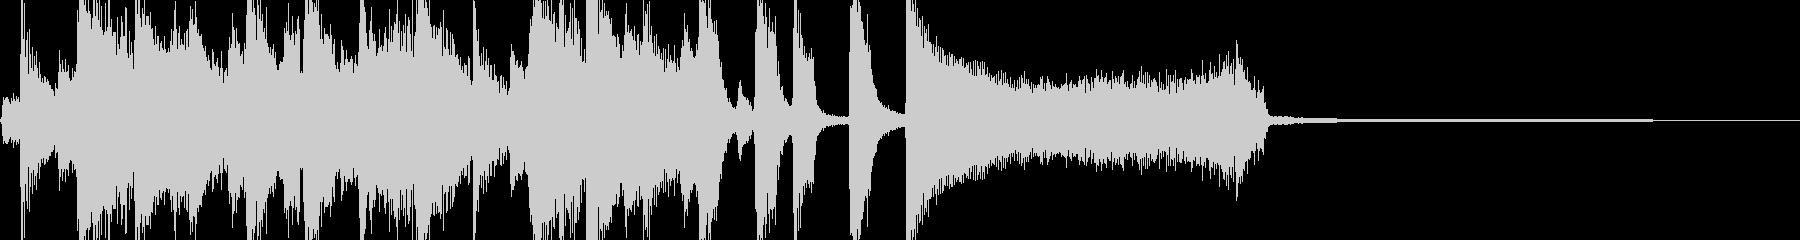 コミカルなトランペットのジャズジングルの未再生の波形